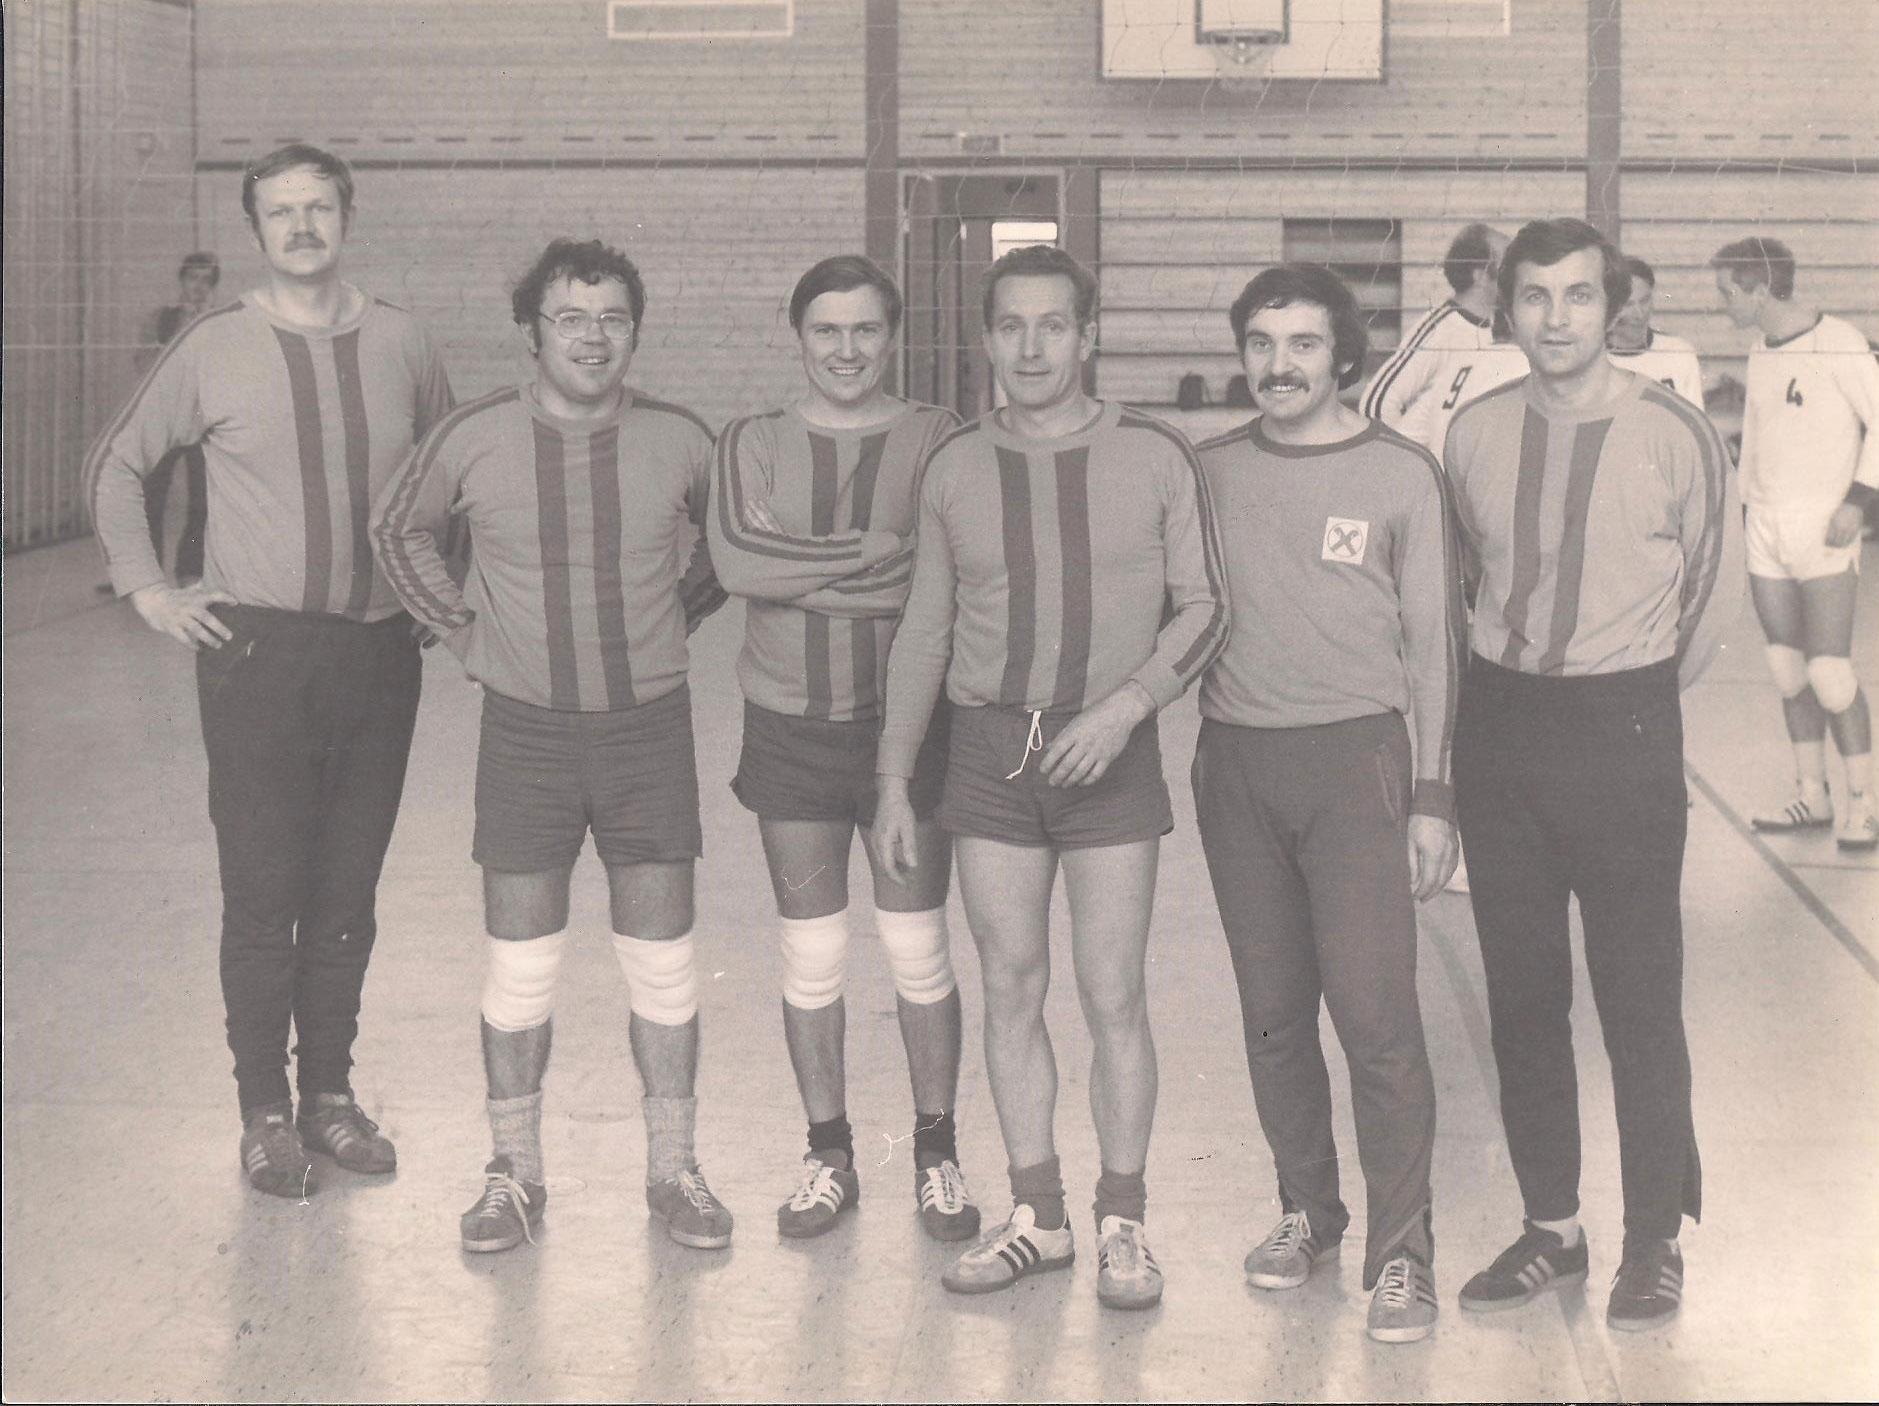 Herren_Volleyball_früher